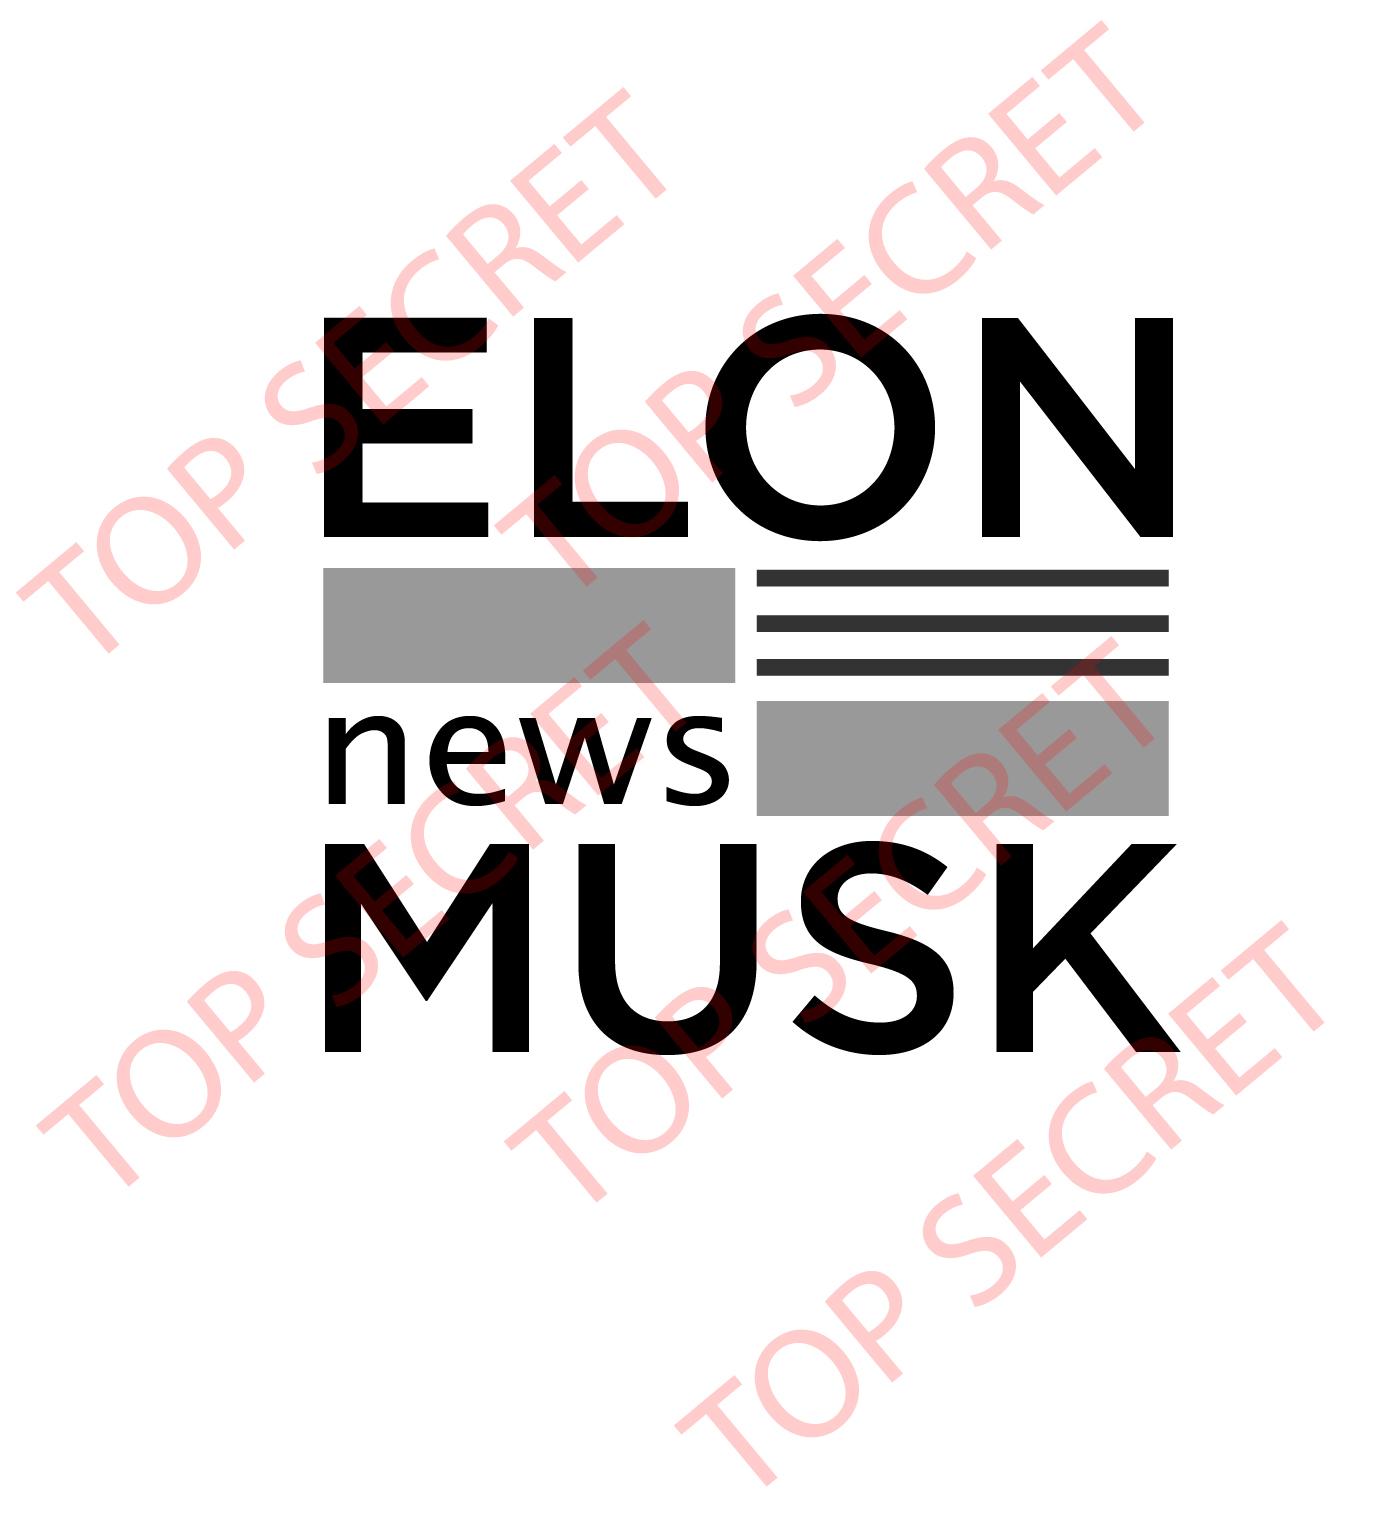 Логотип для новостного сайта  фото f_2895b6c167b3e207.jpg